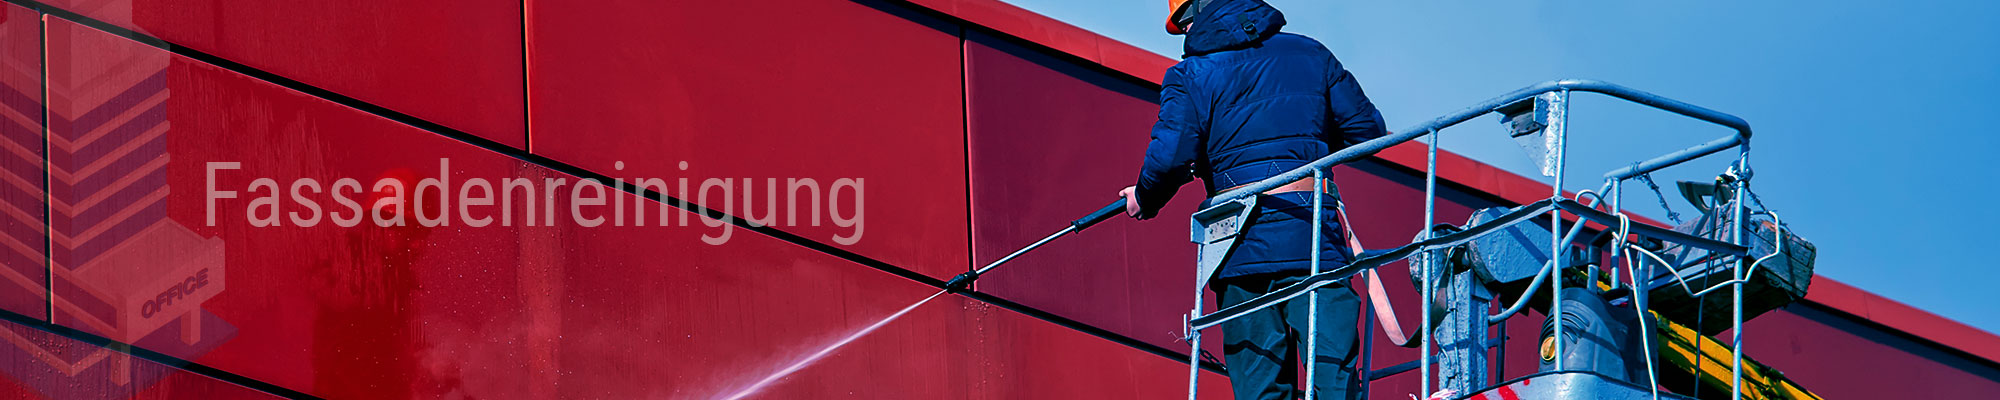 Fassadenreinigung - Mt Gebäudeservice